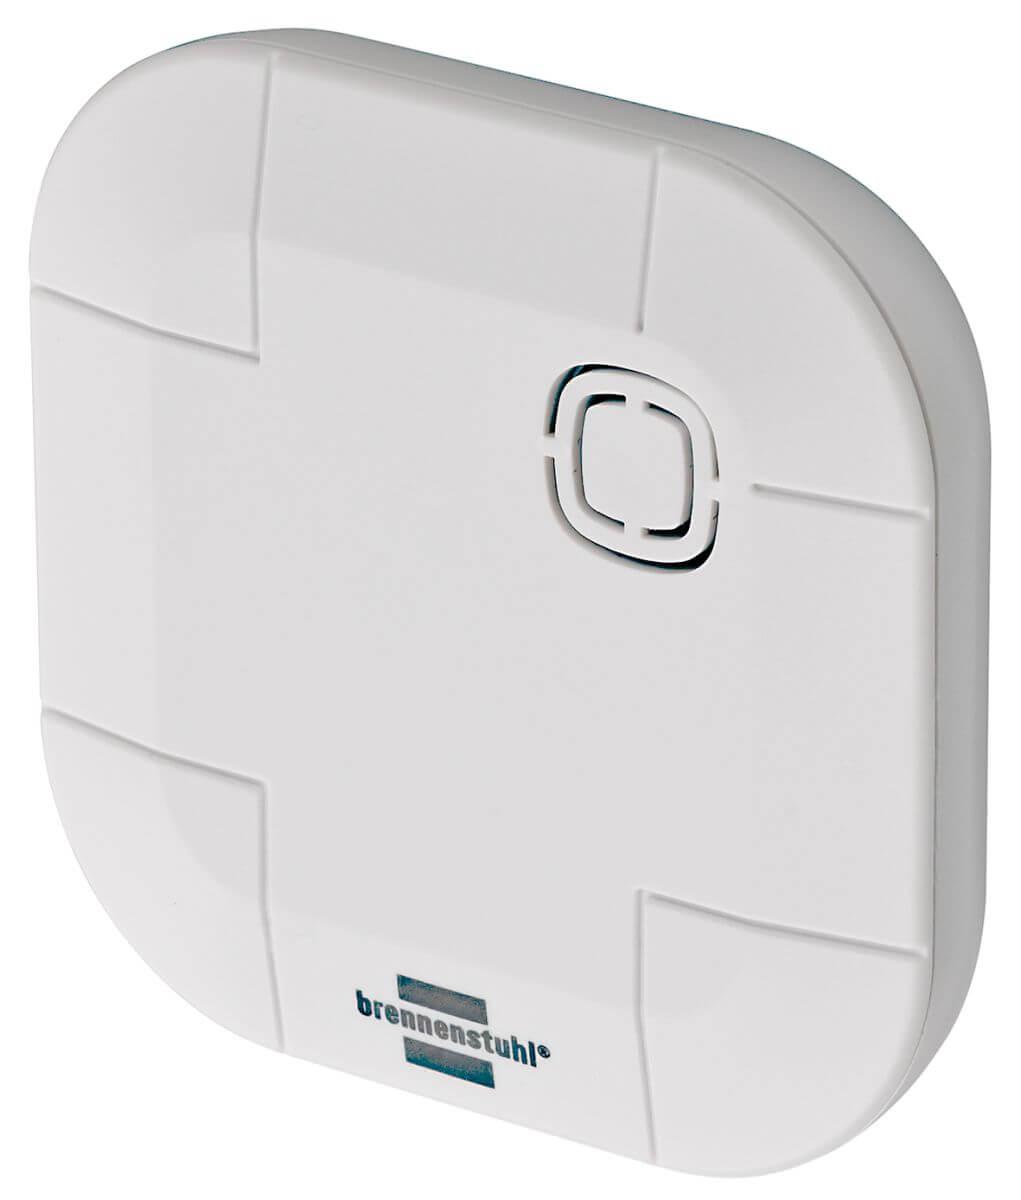 brematicpro funk wassermelder aufputz wei brennenstuhl smart home smart home ger te. Black Bedroom Furniture Sets. Home Design Ideas